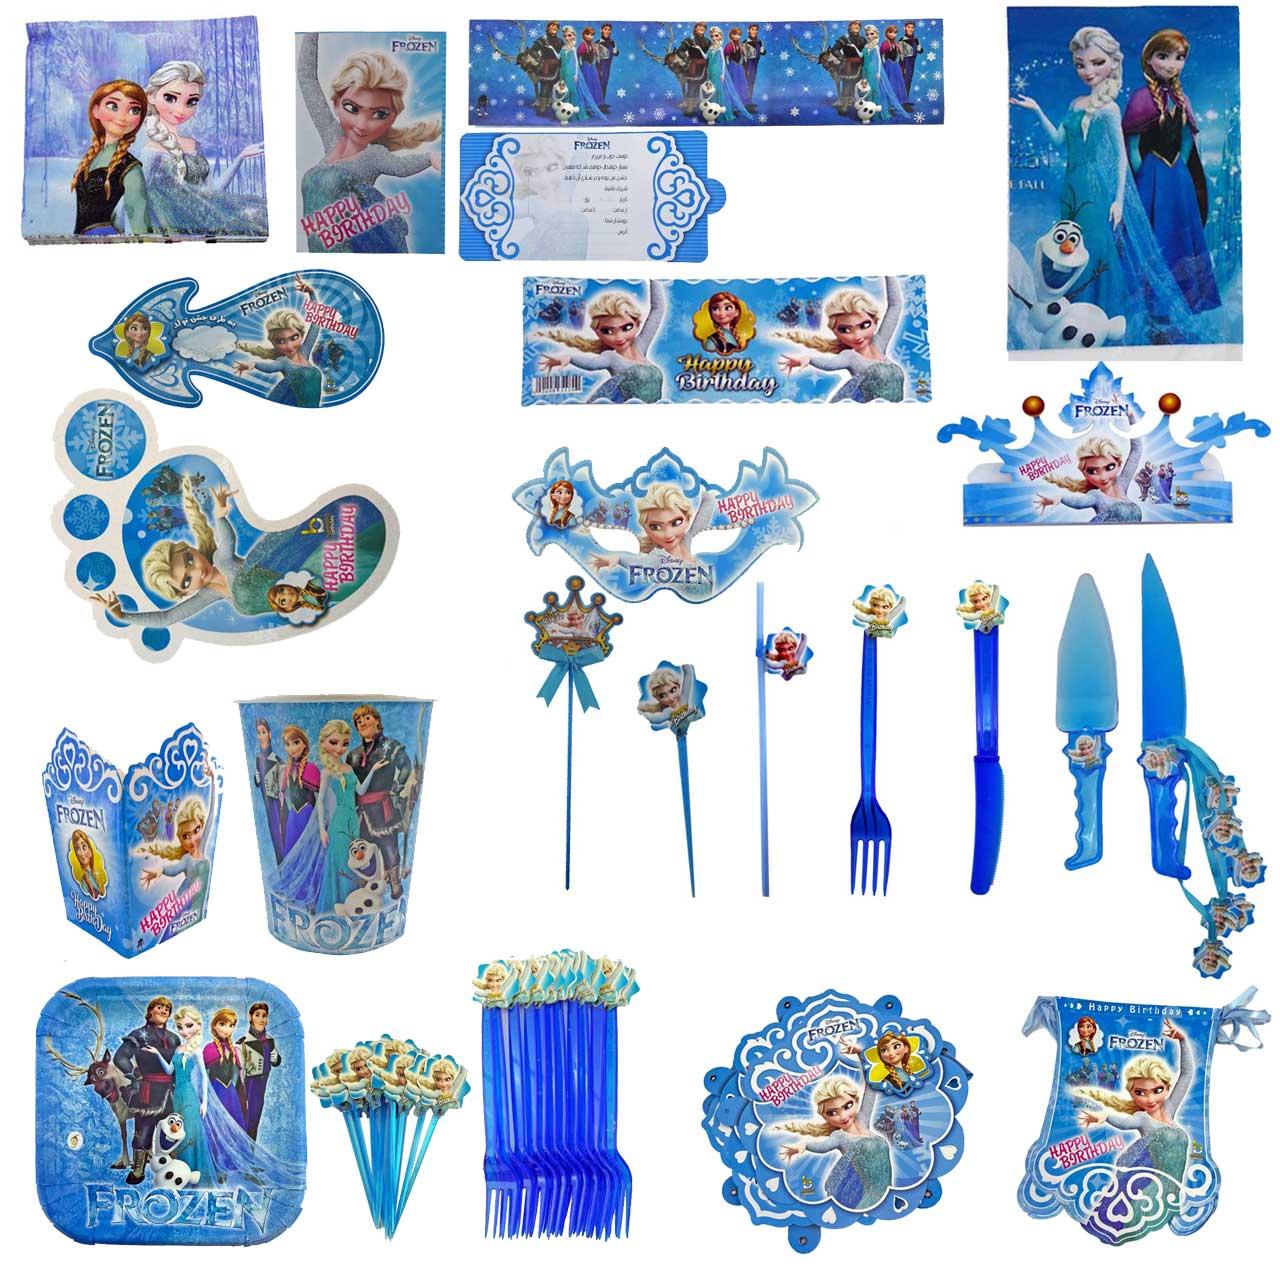 پک جشن تولد گالری زیبا باکس مدل تم ملکه یخی Frozen سایز 180×300